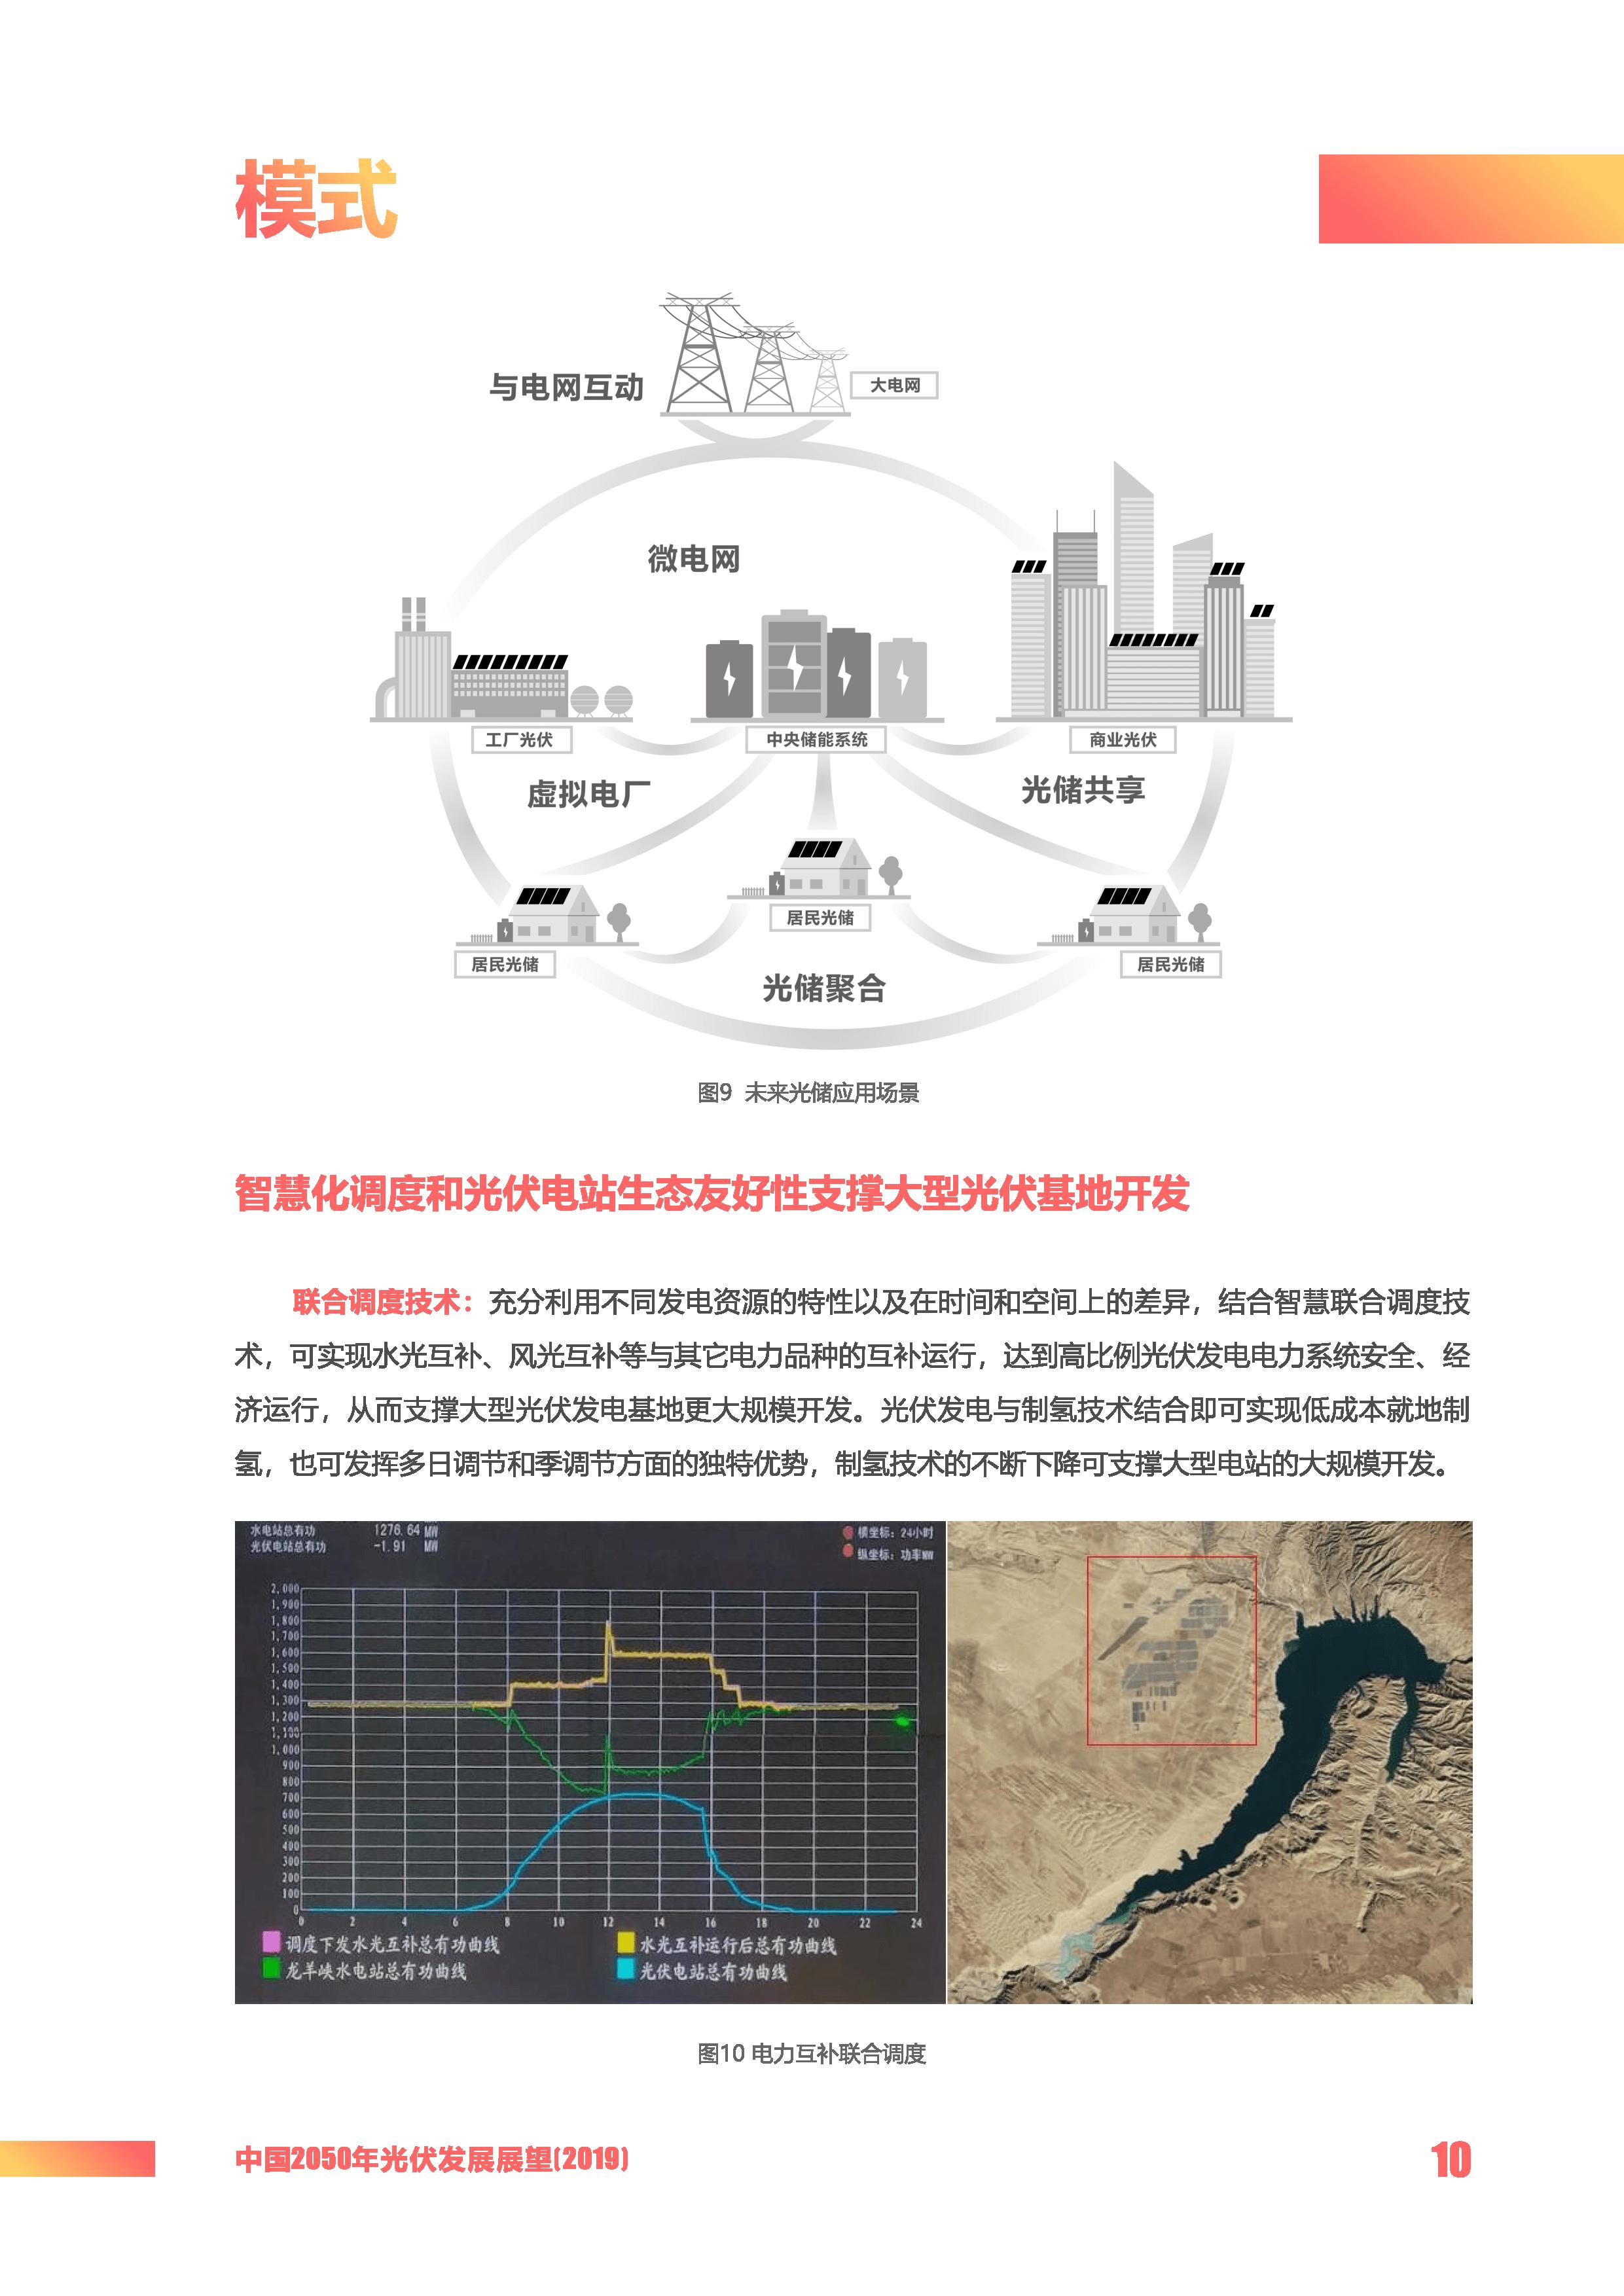 中国2050年光伏发展展望-2019_页面_13